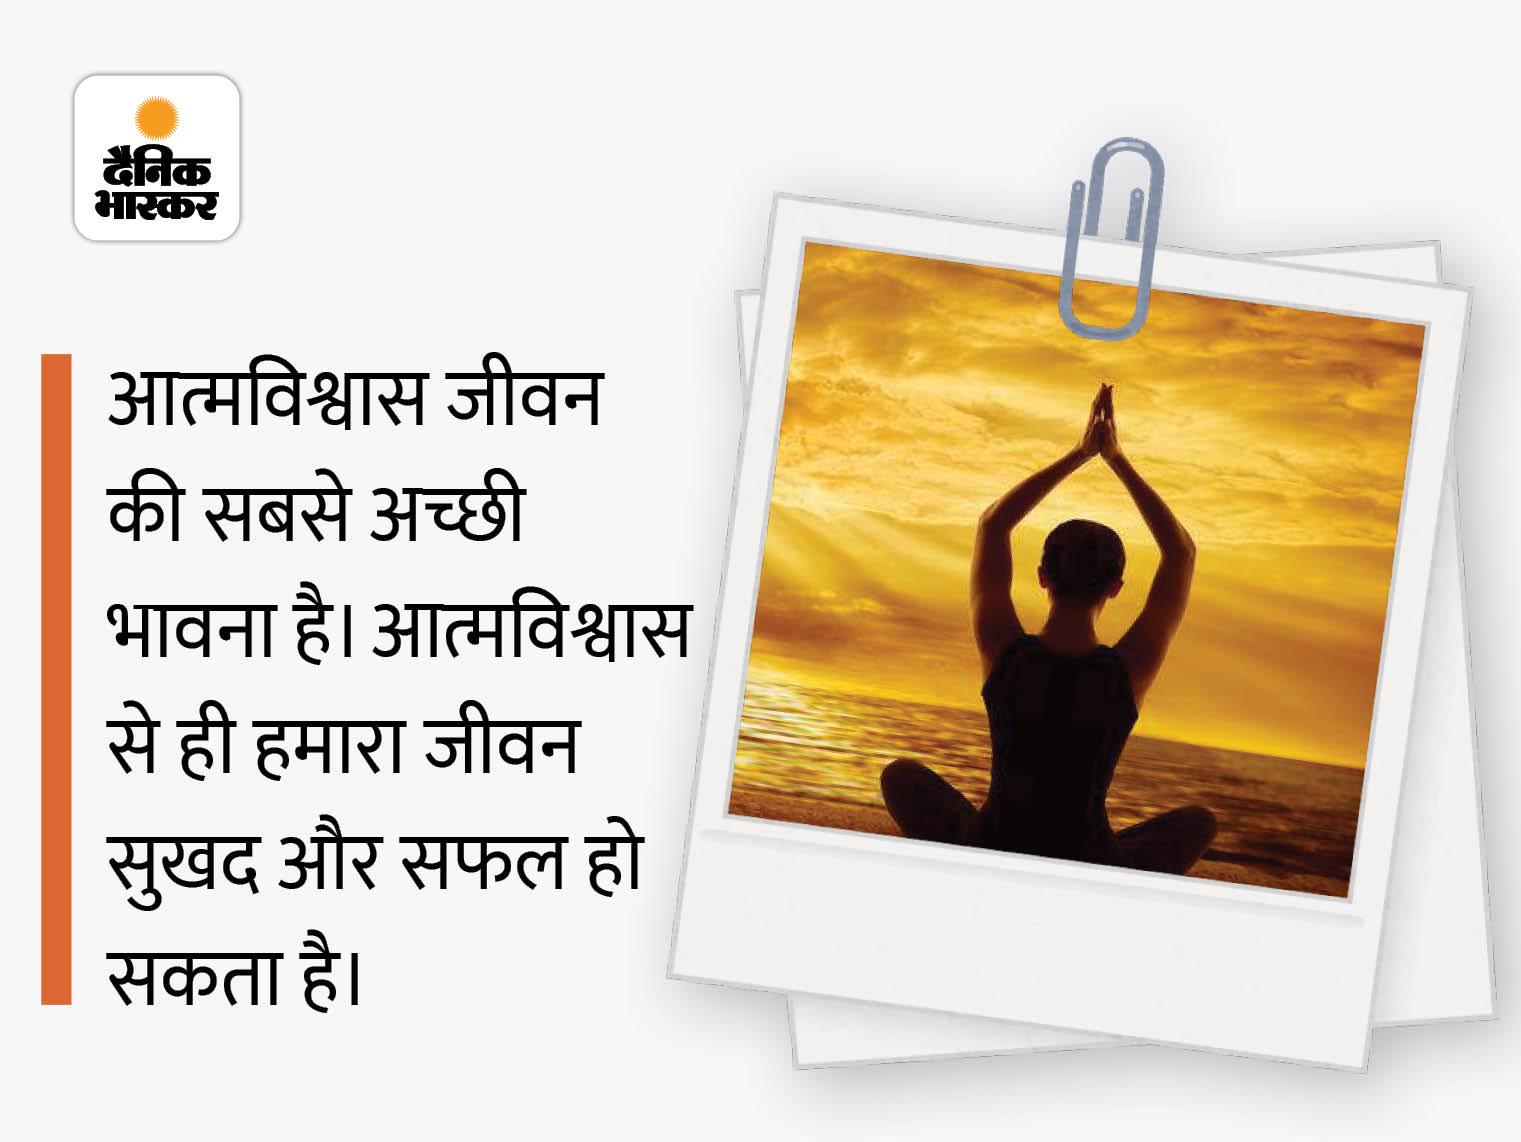 जब किसी के मन में शक प्रवेश करता है तो प्रेम और विश्वास मन से बाहर निकल जाते हैं|धर्म,Dharm - Dainik Bhaskar